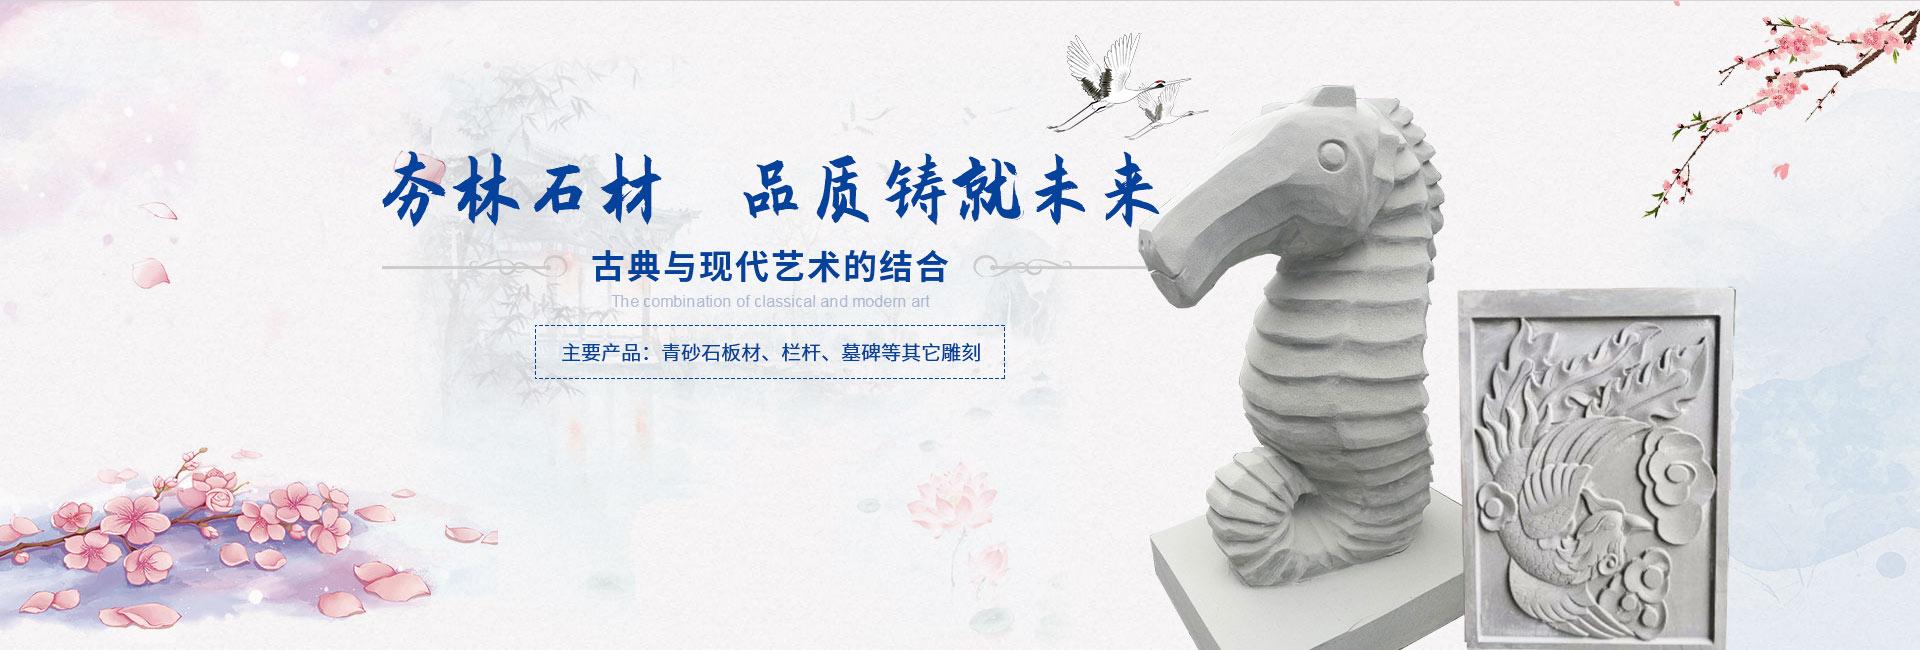 四川青石雕刻